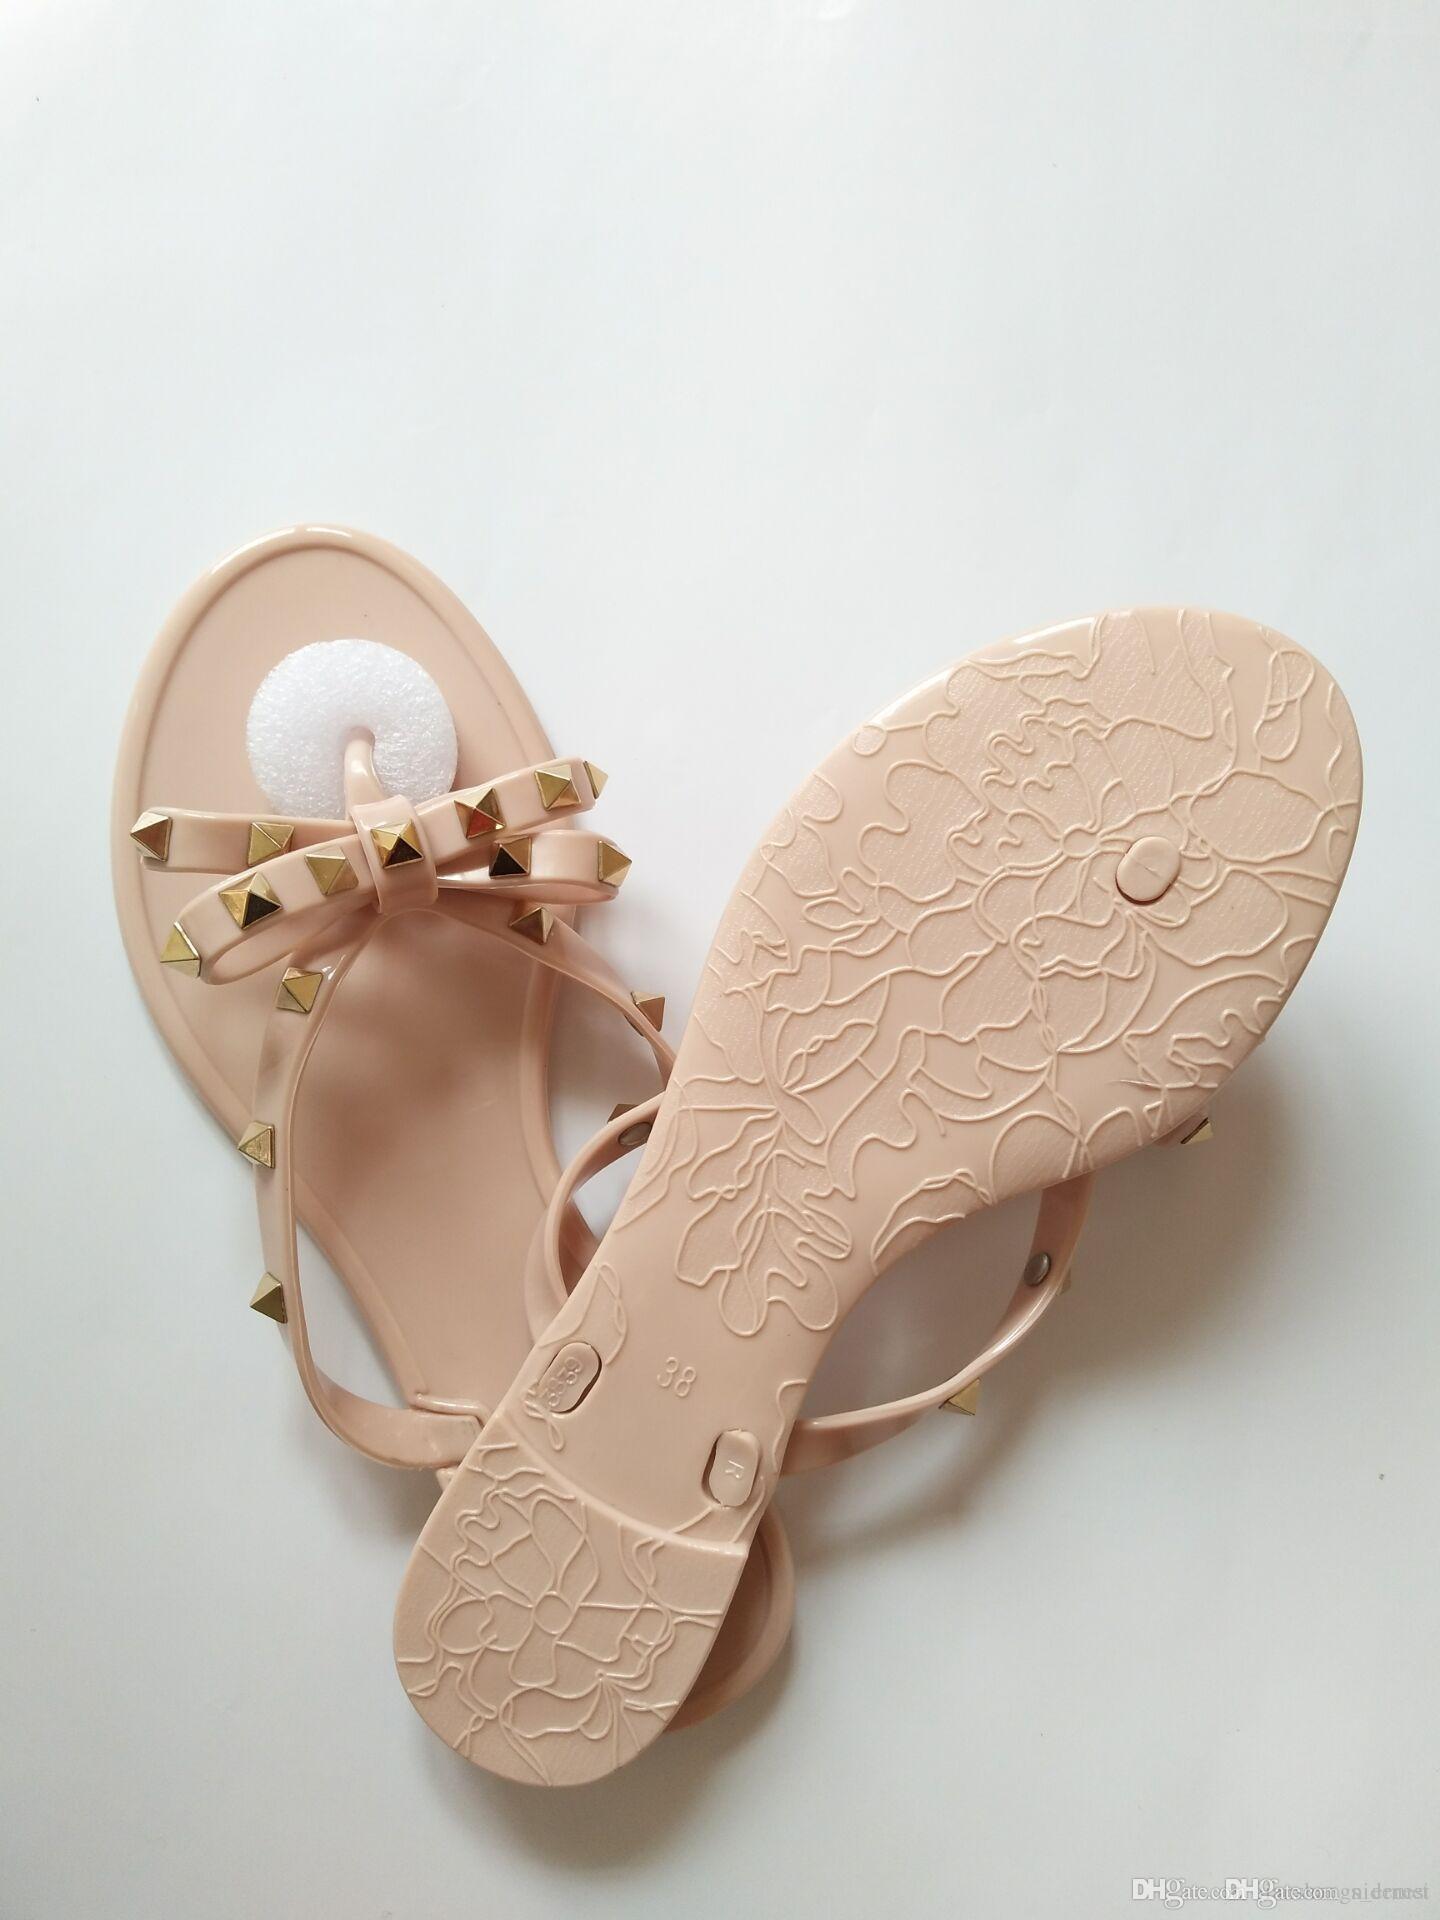 Nuevo 2018 Mujer Sandalias de verano Remaches grandes bowknot Chanclas Playa Sandalias Femininas Jelly Flat Sandalias de diseño